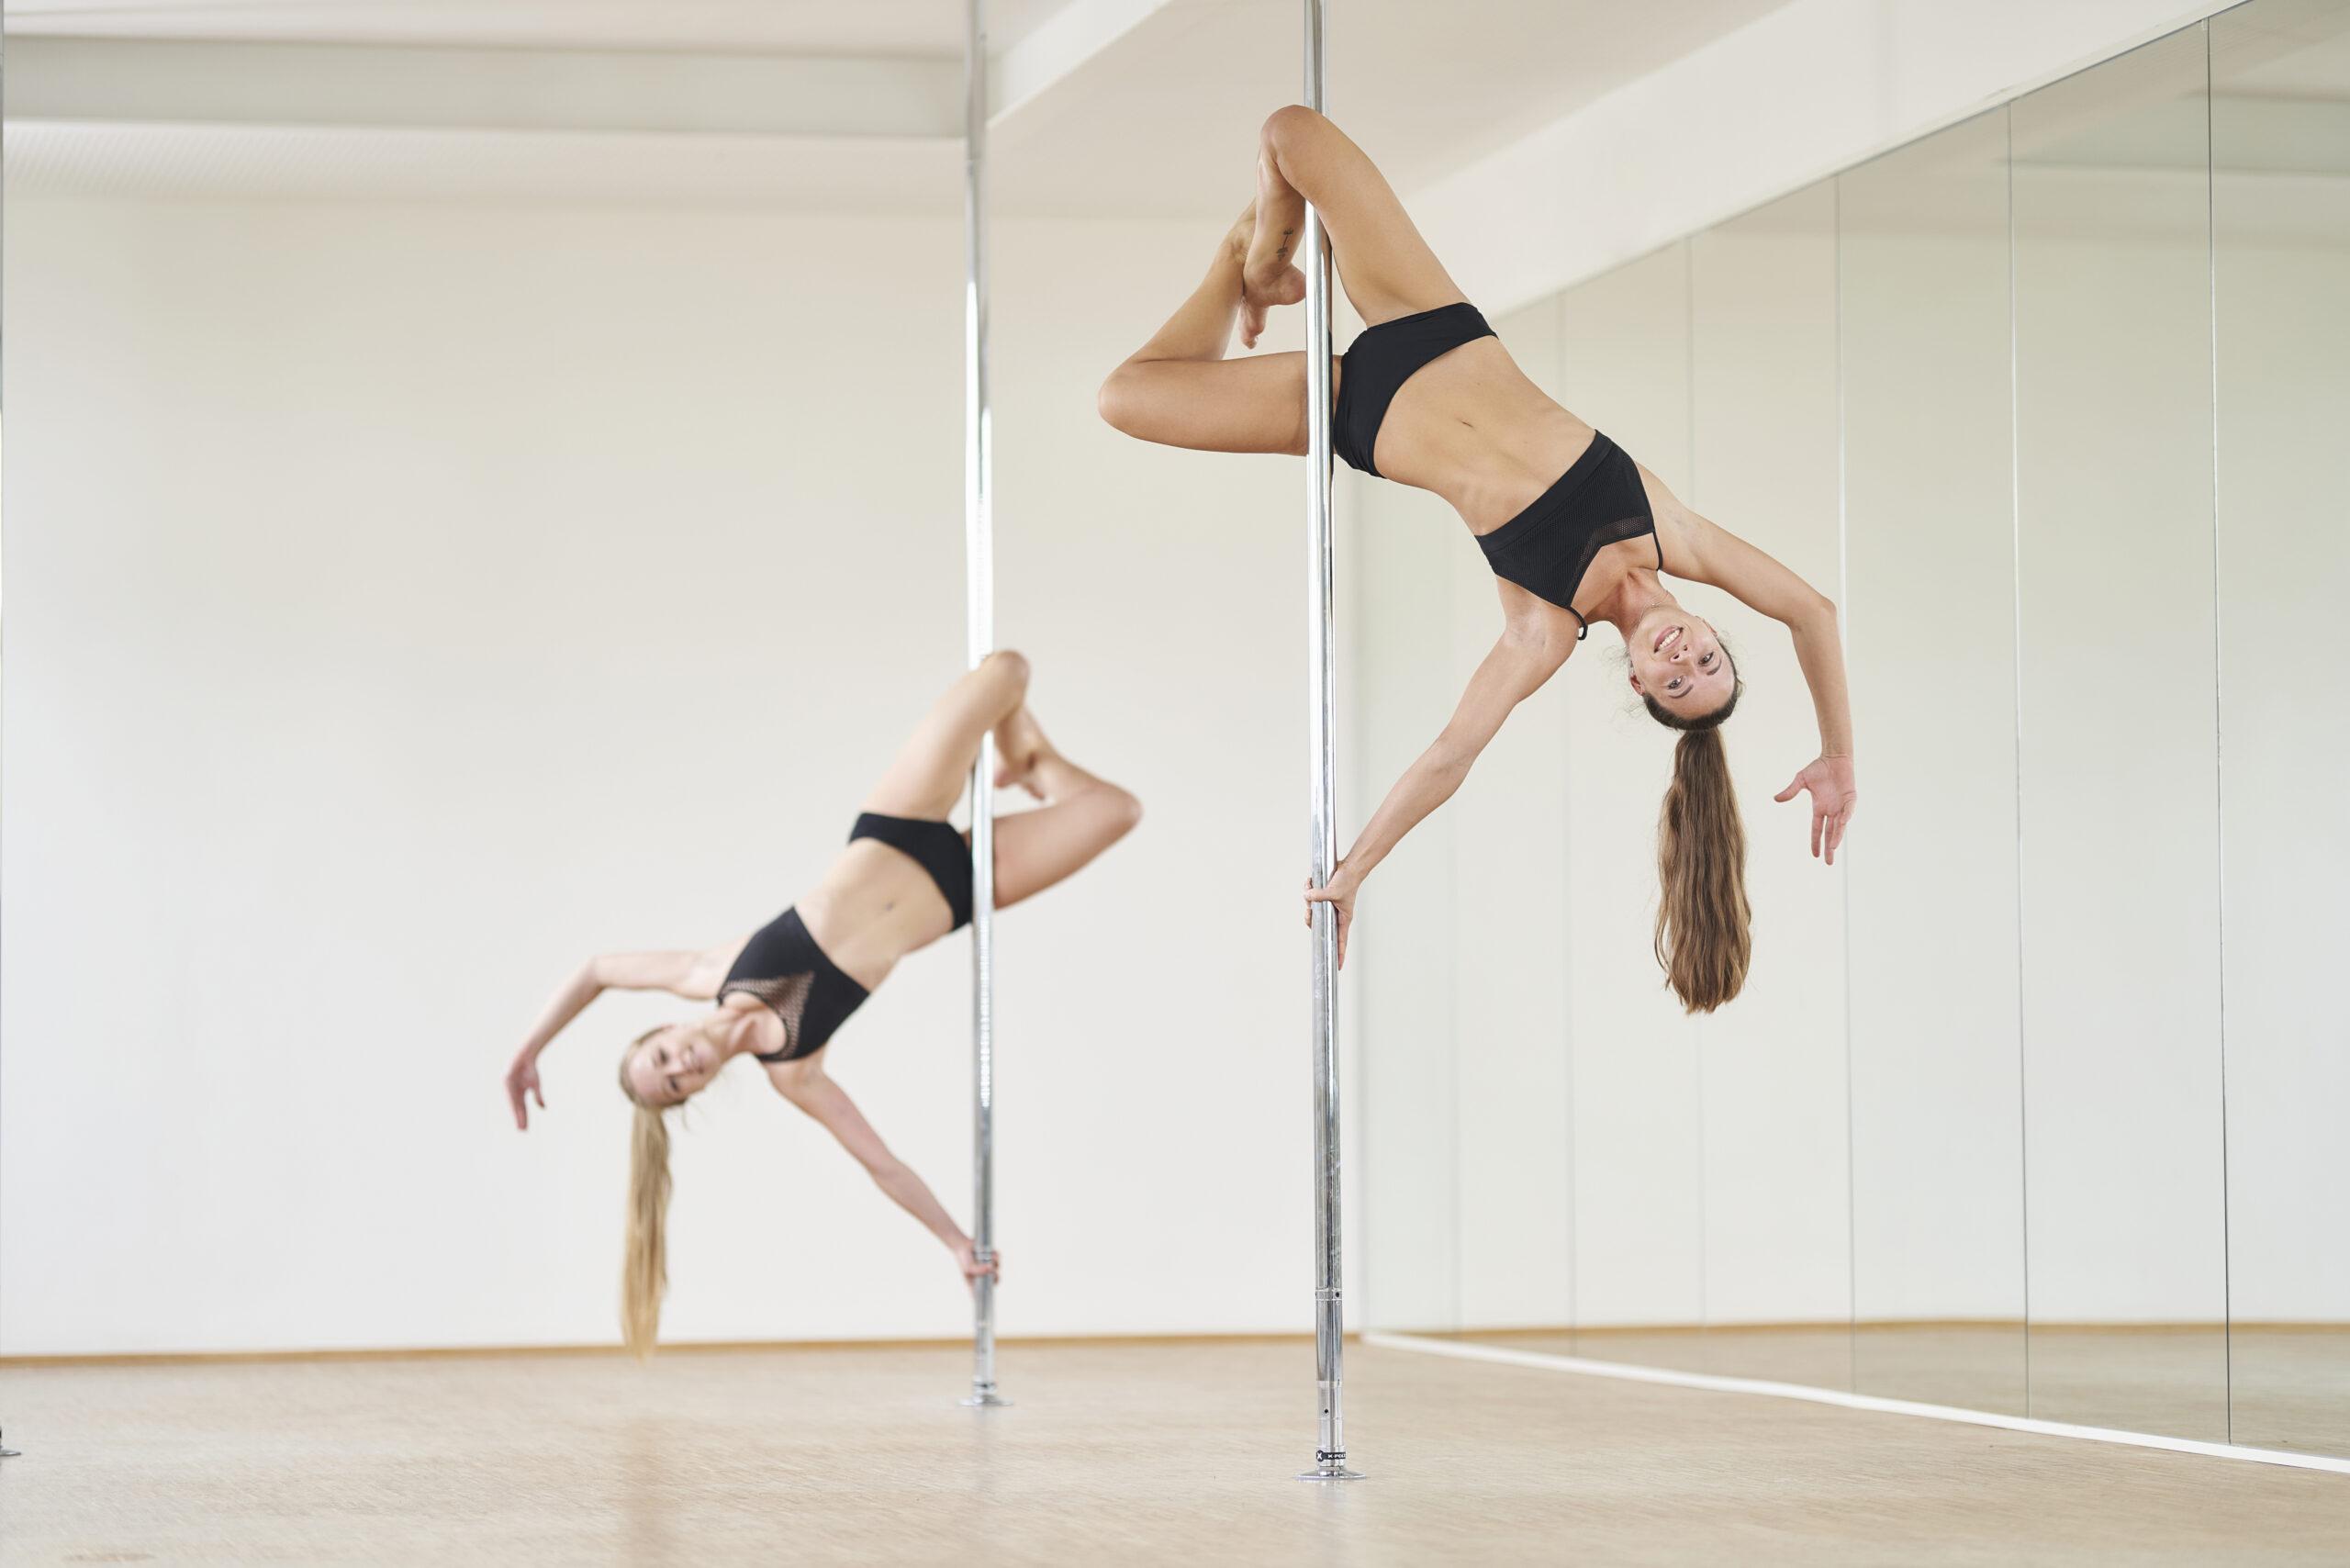 munich-poledance-kurse-pole-cover